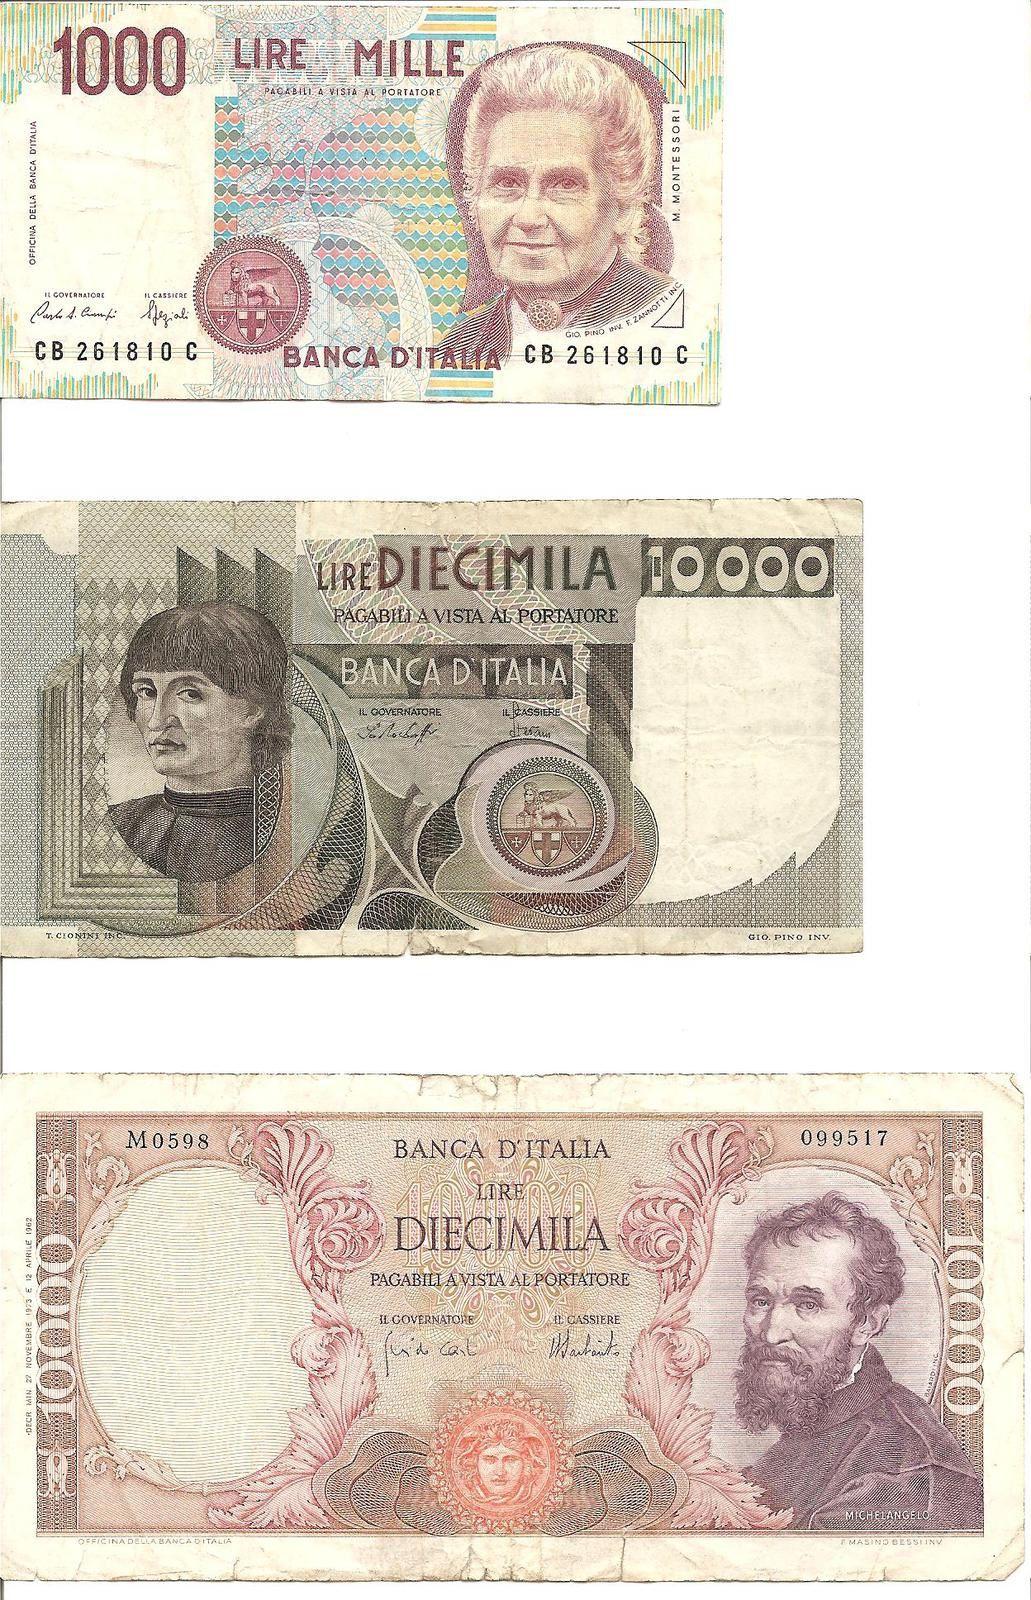 billets italiens en lires : 1.000 lires de 1990 effigie : Maria Montessori, billet de 10.000 lires de 1978 effigie : Nicolas Copernic, billet de 10.000 lires de 1973 effigie : Michel-Ange